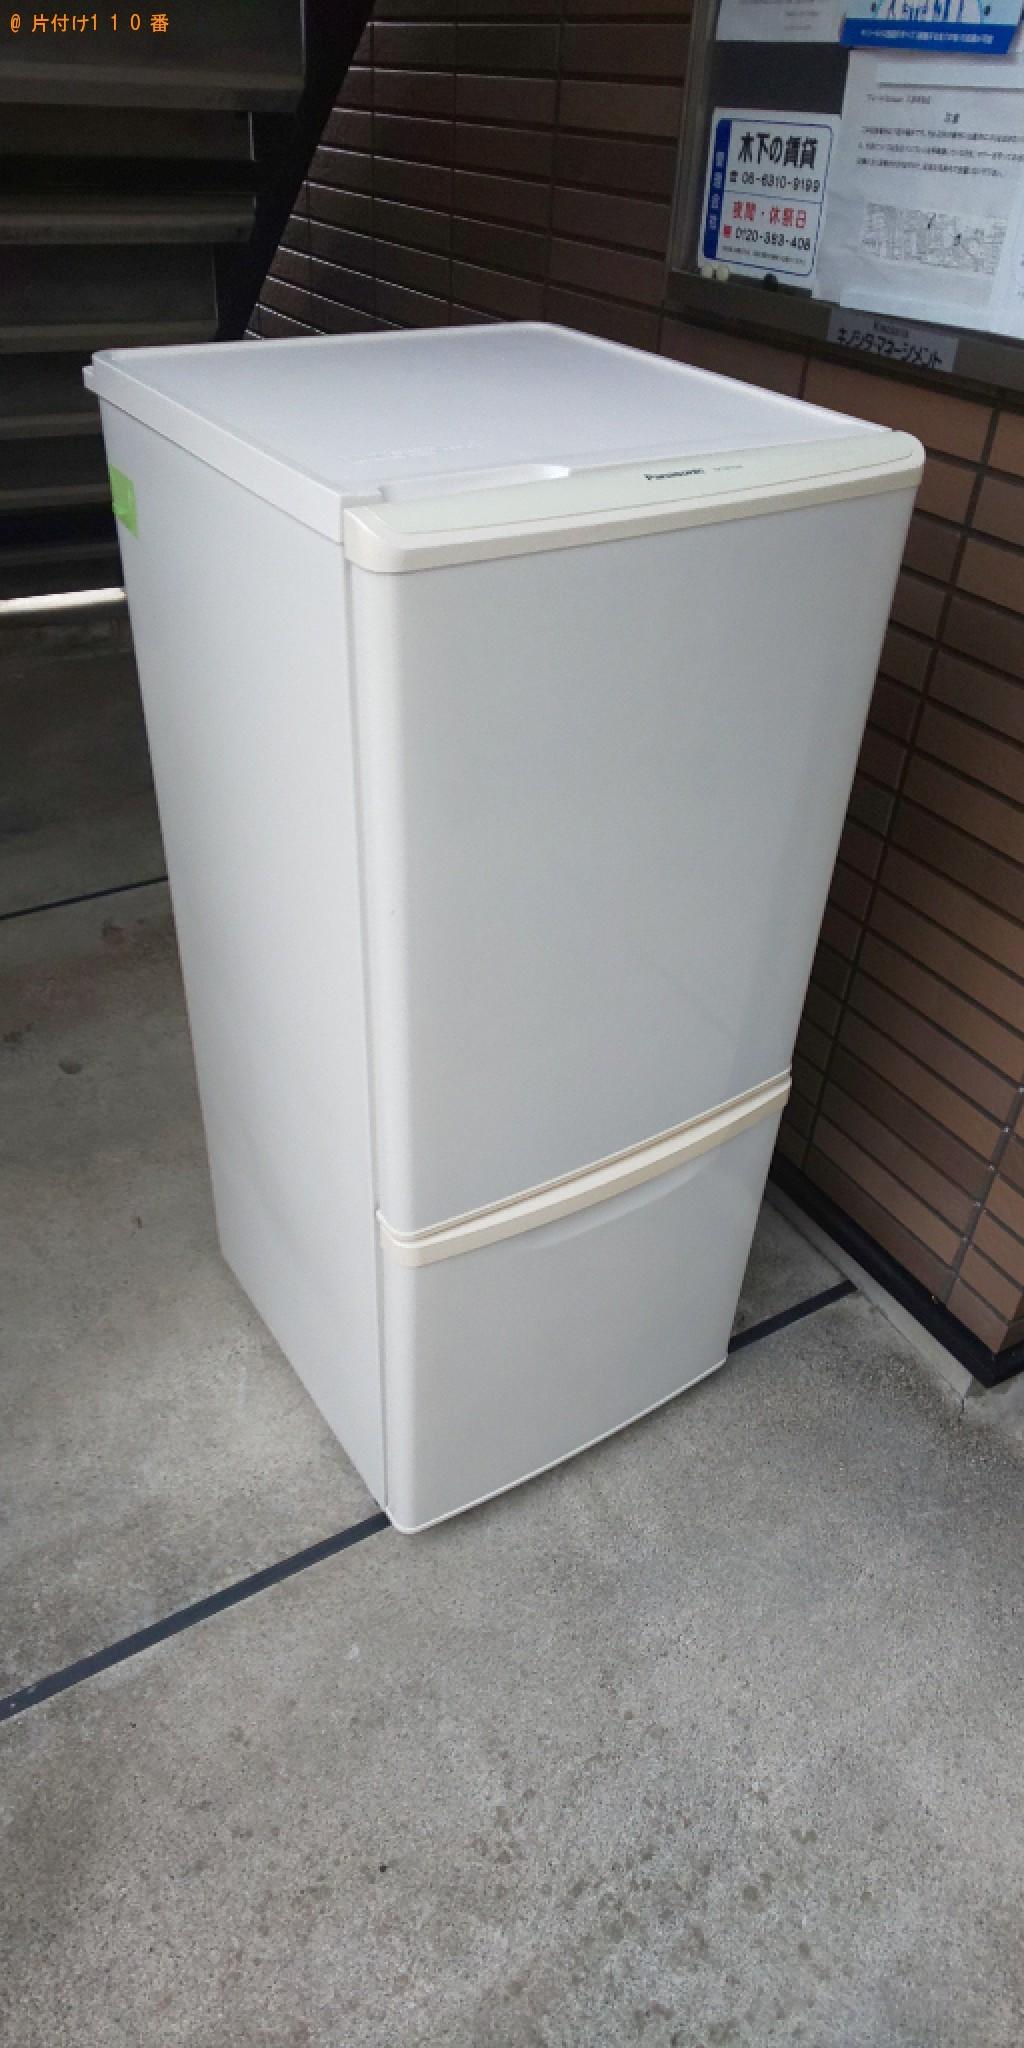 【合志市】冷蔵庫、洗濯機の回収・処分ご依頼 お客様の声